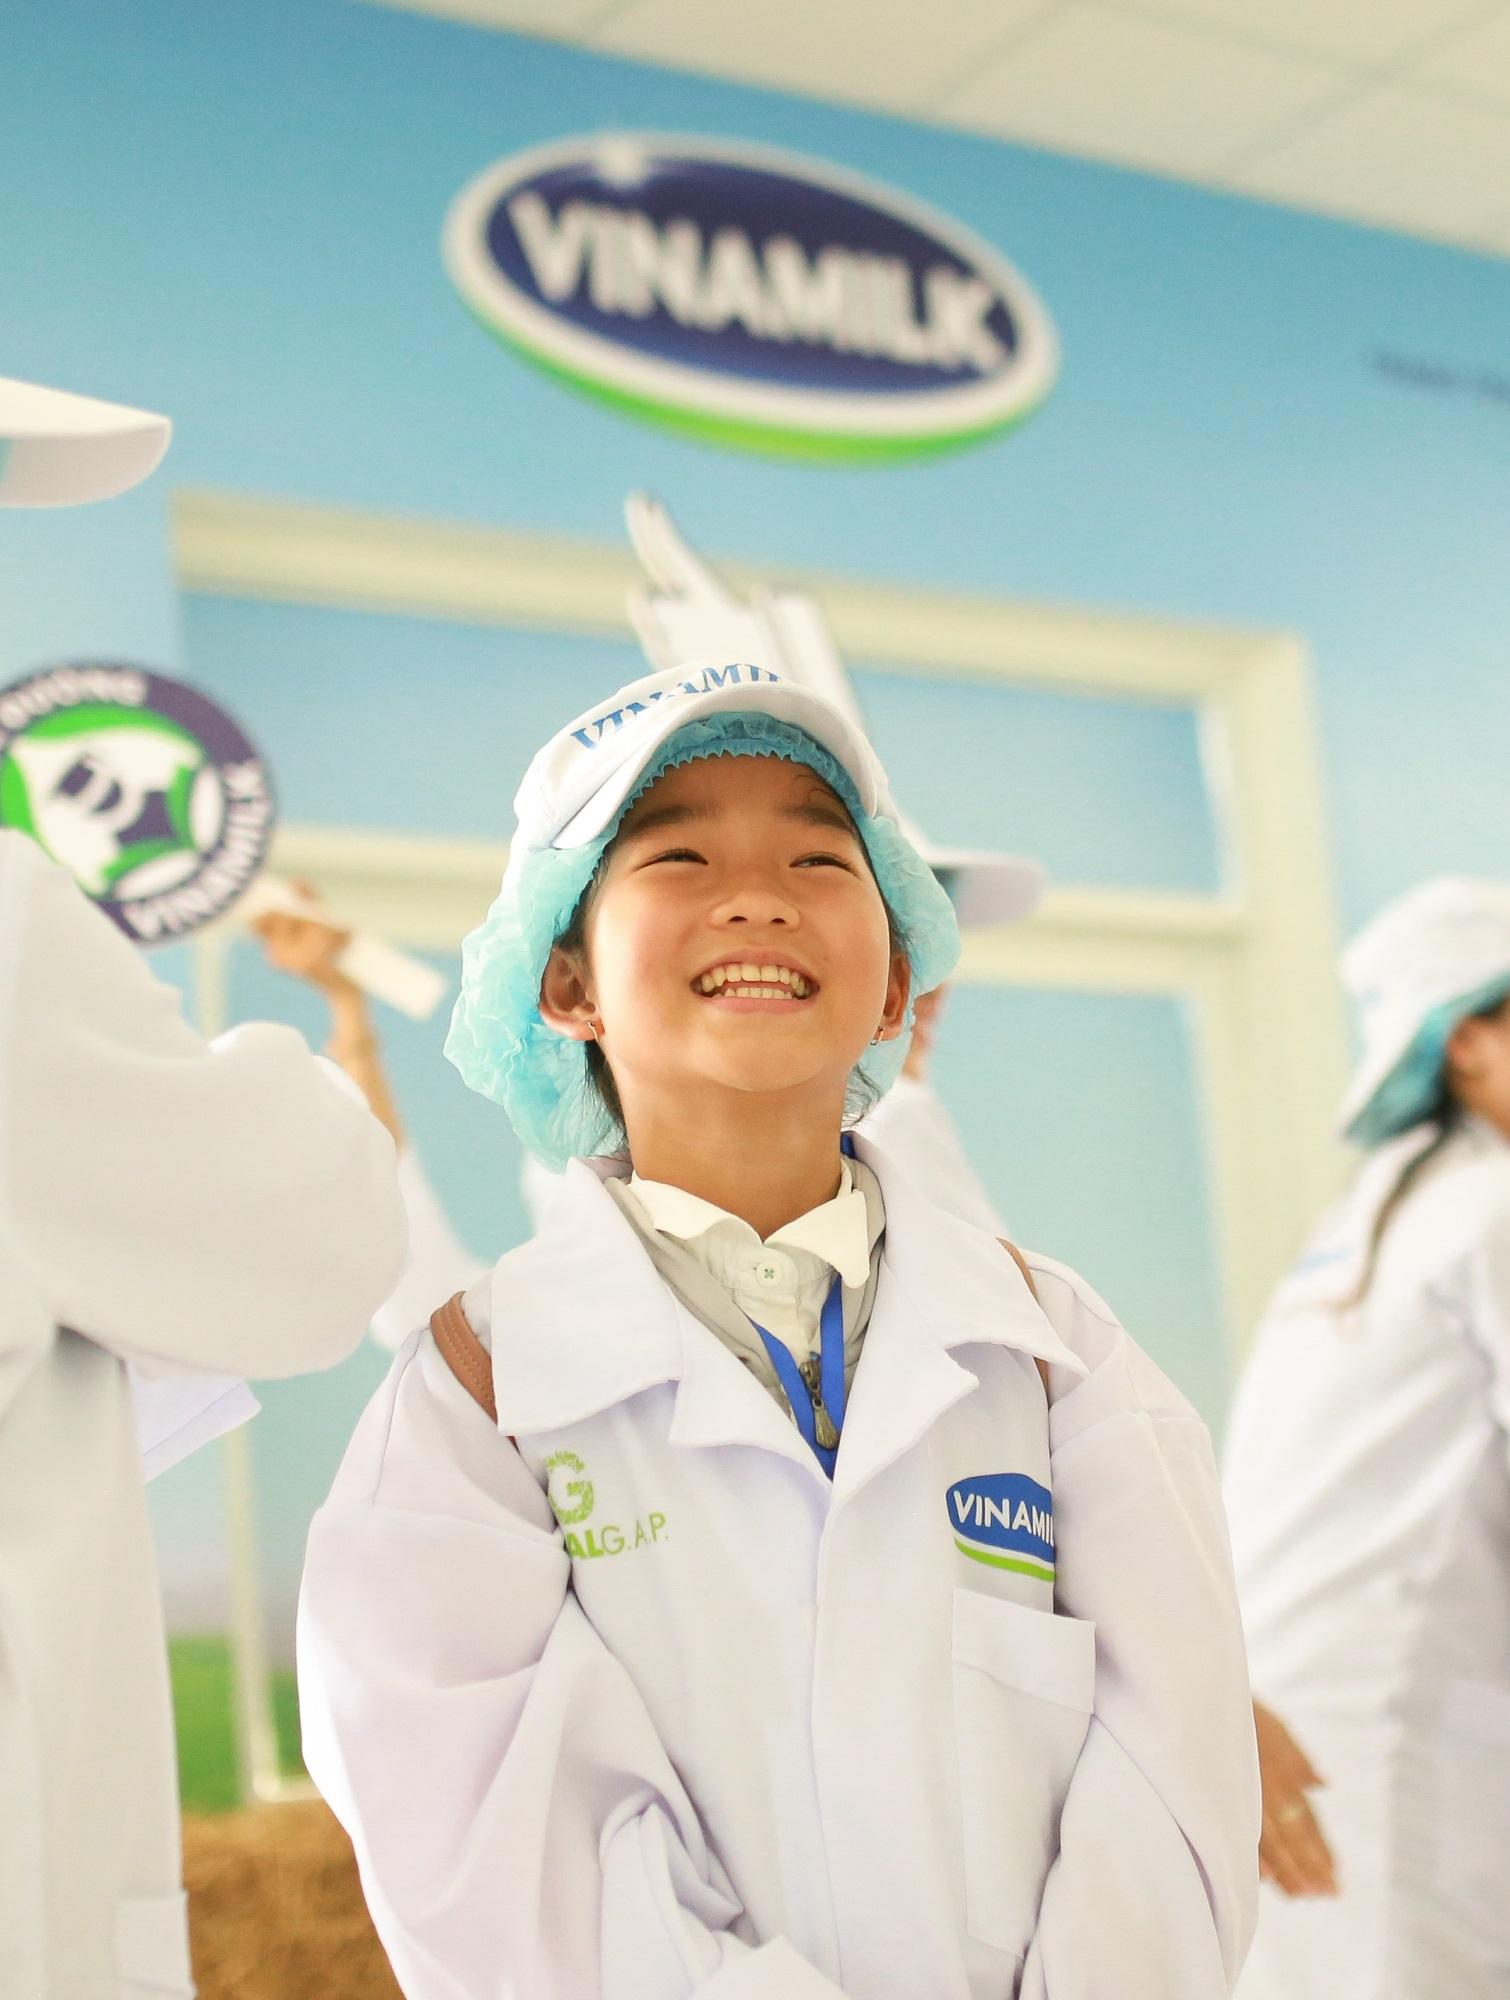 Tận mắt thấy những cô bò ở 'Resort' góp công vào ly sữa học đường - Ảnh 7